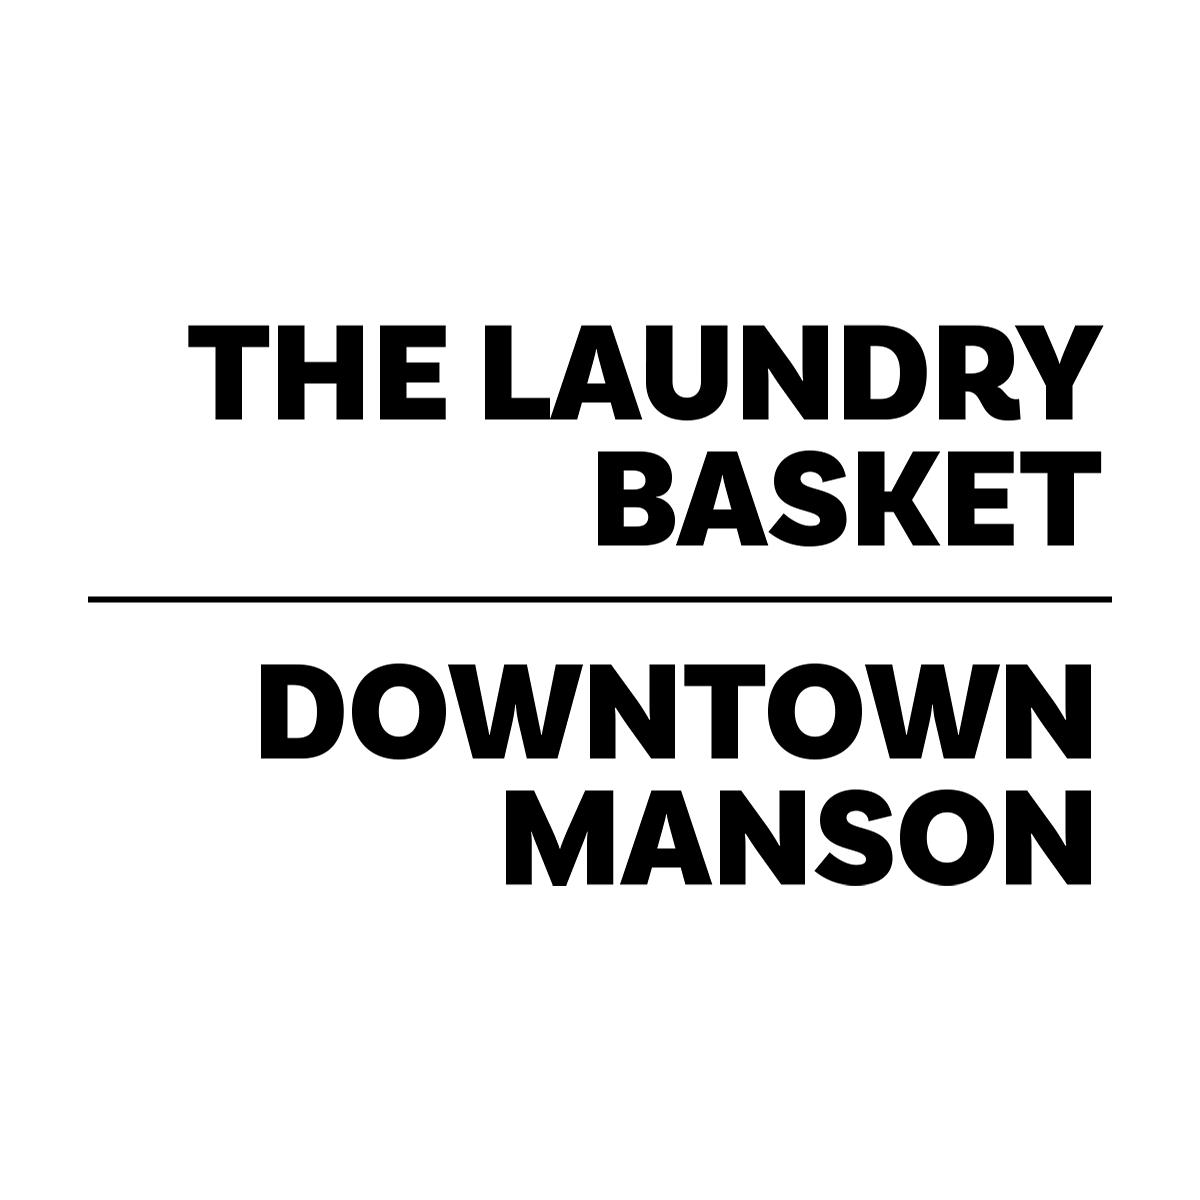 The Laundry Basket logo